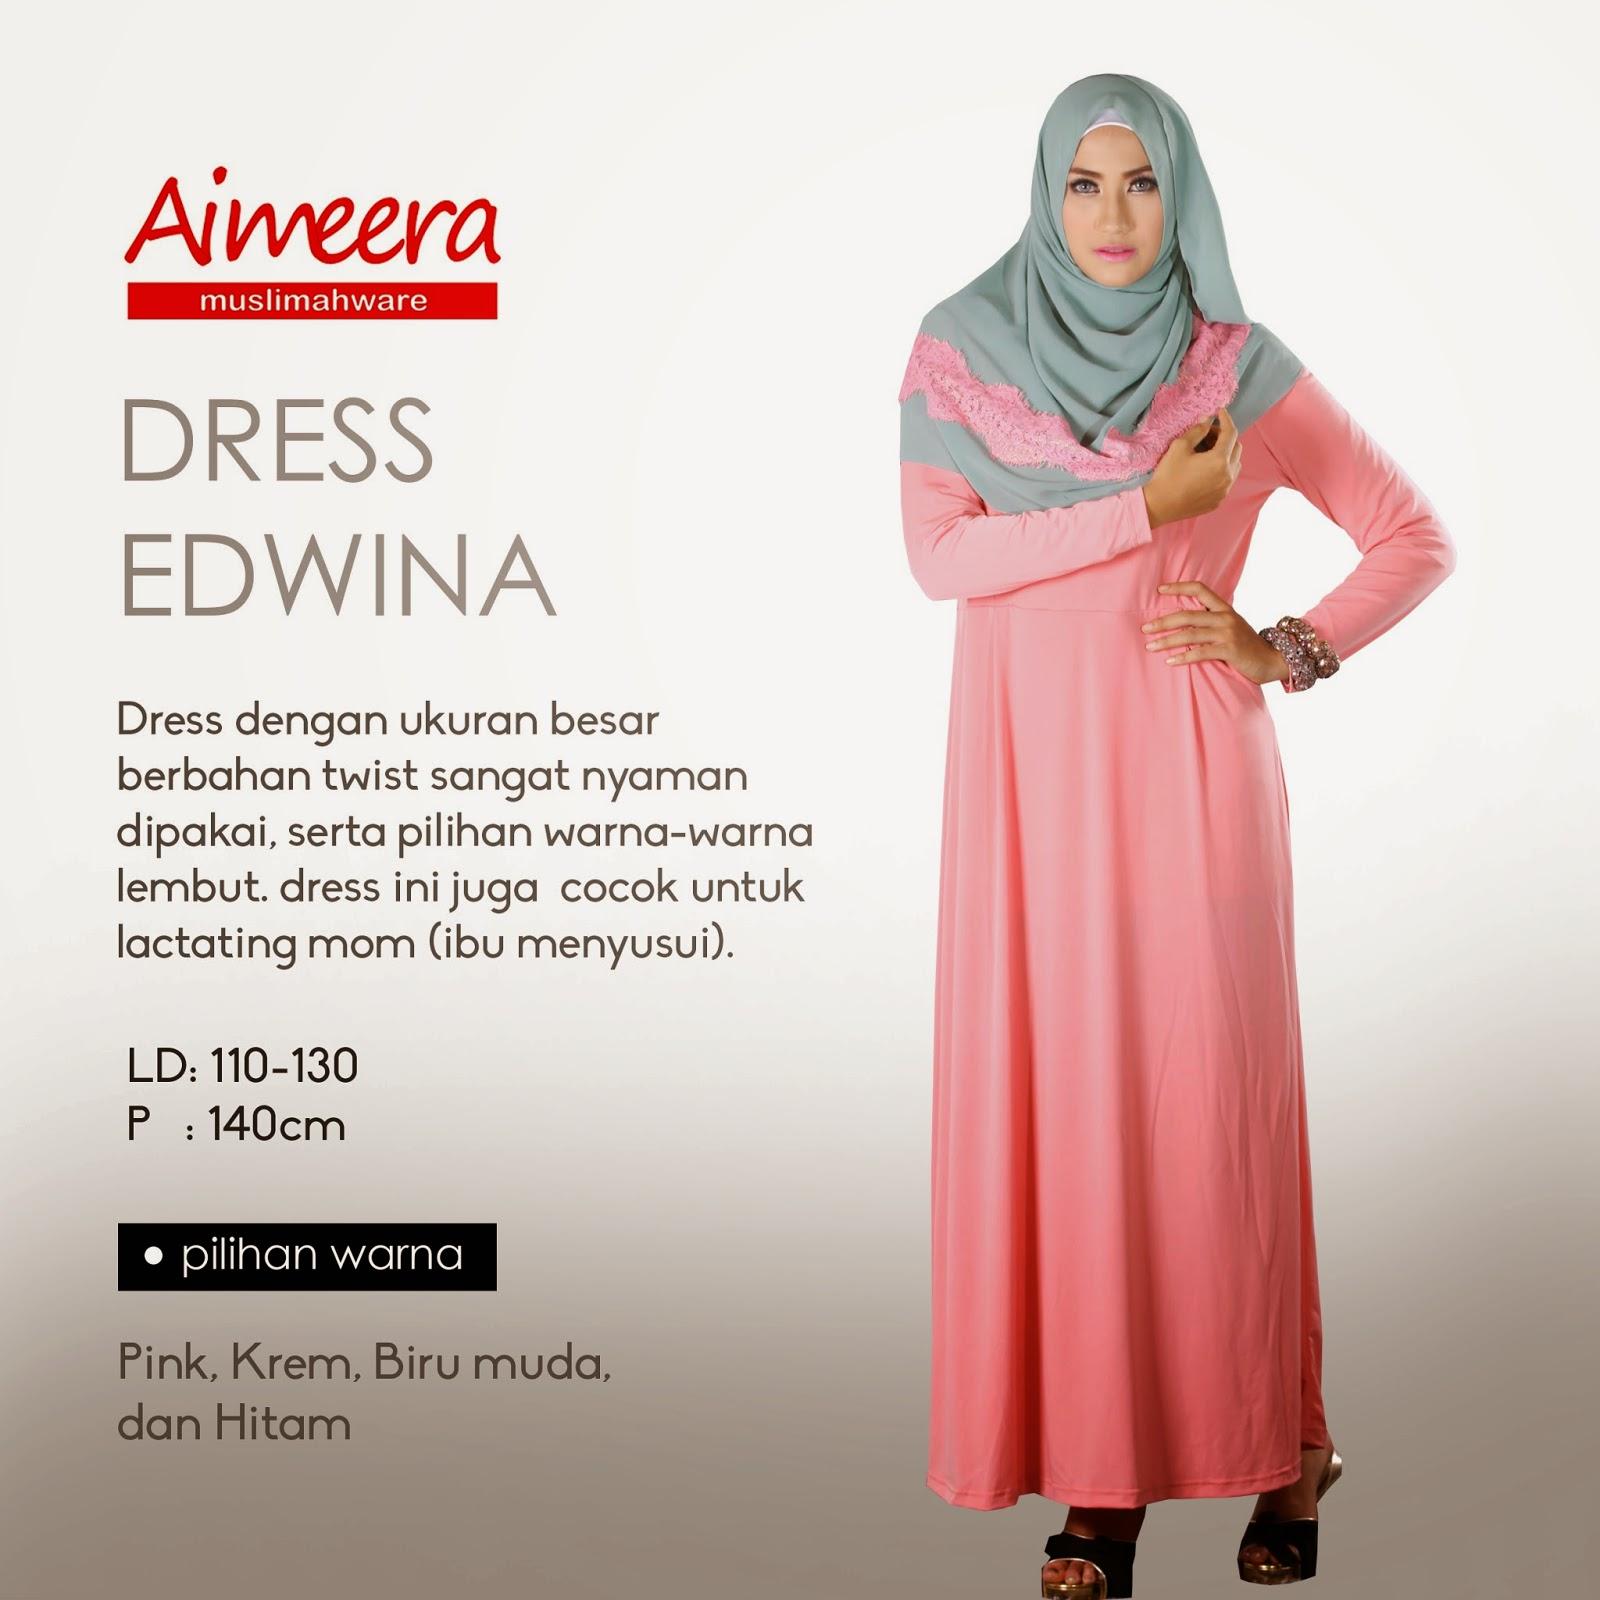 Dress Edwina